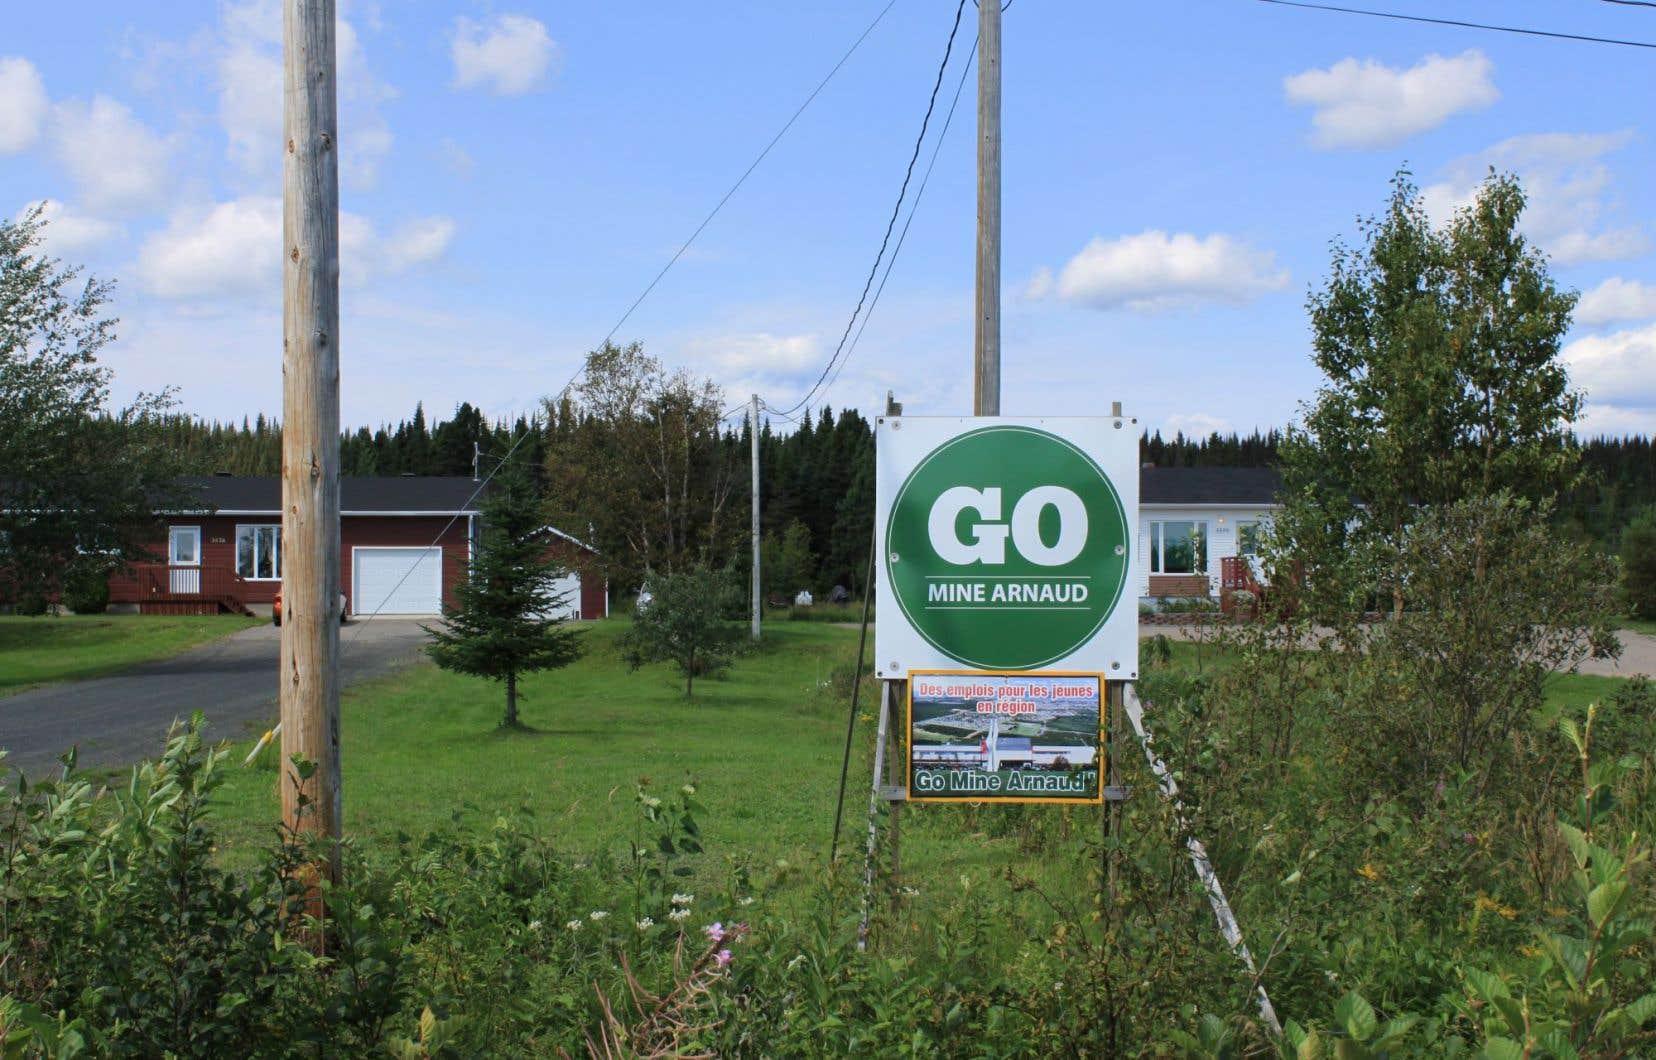 À Sept-Îles, le projet de mine Arnaud divise la population.